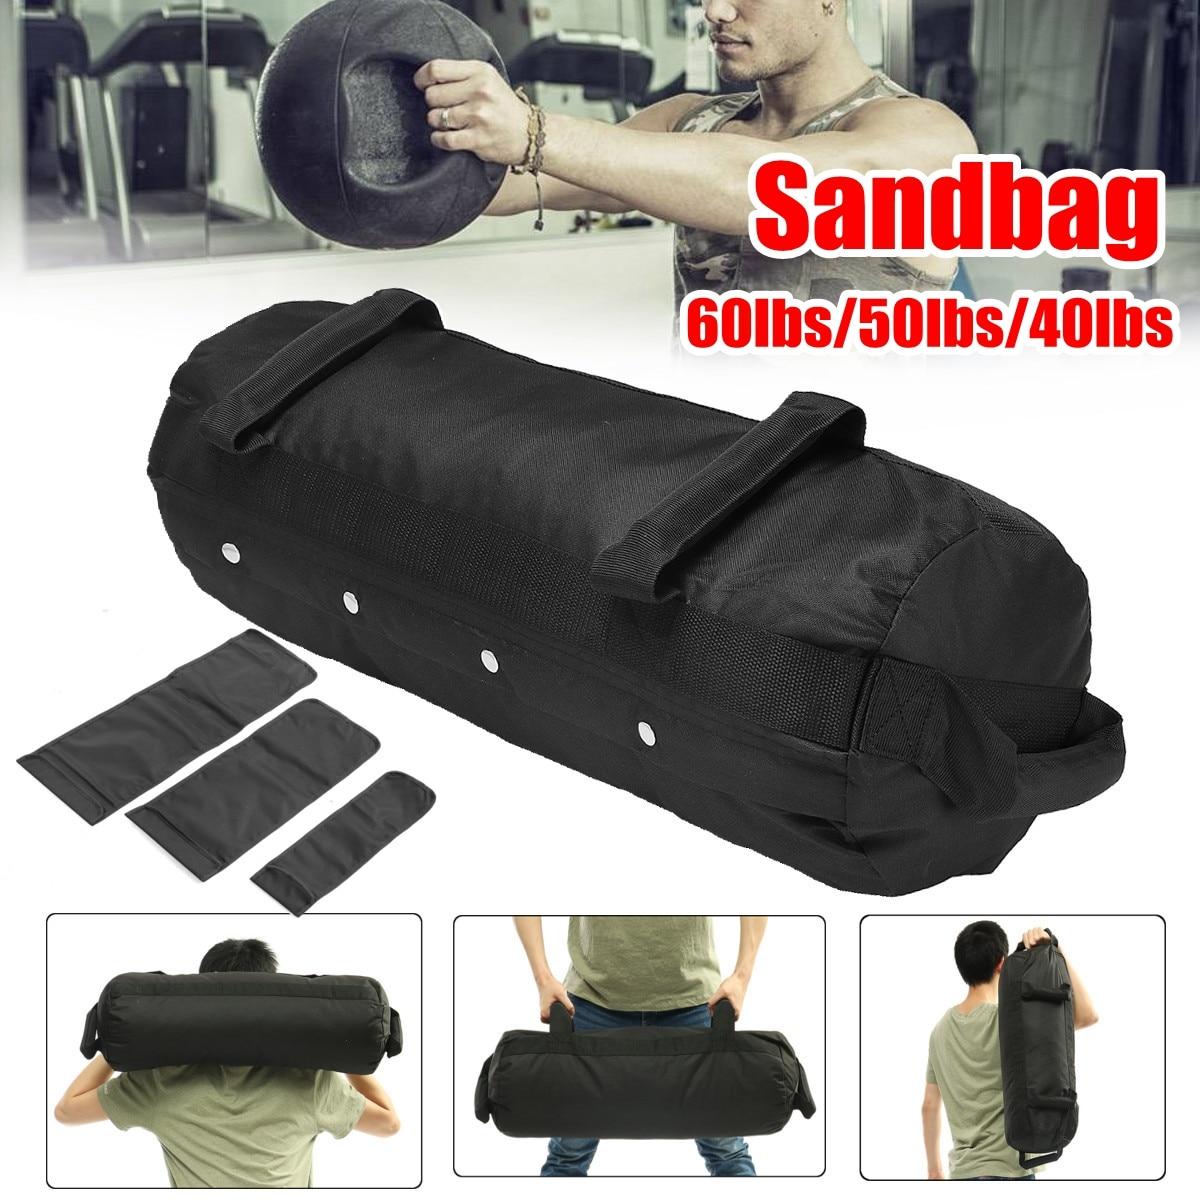 Bolsas de Areia Bolsa de Areia de Levantamento de Peso Treinamento de Energia Pesada Mma Boxe Militar Corpo Equipamentos Fitness 4 Pçs – Set